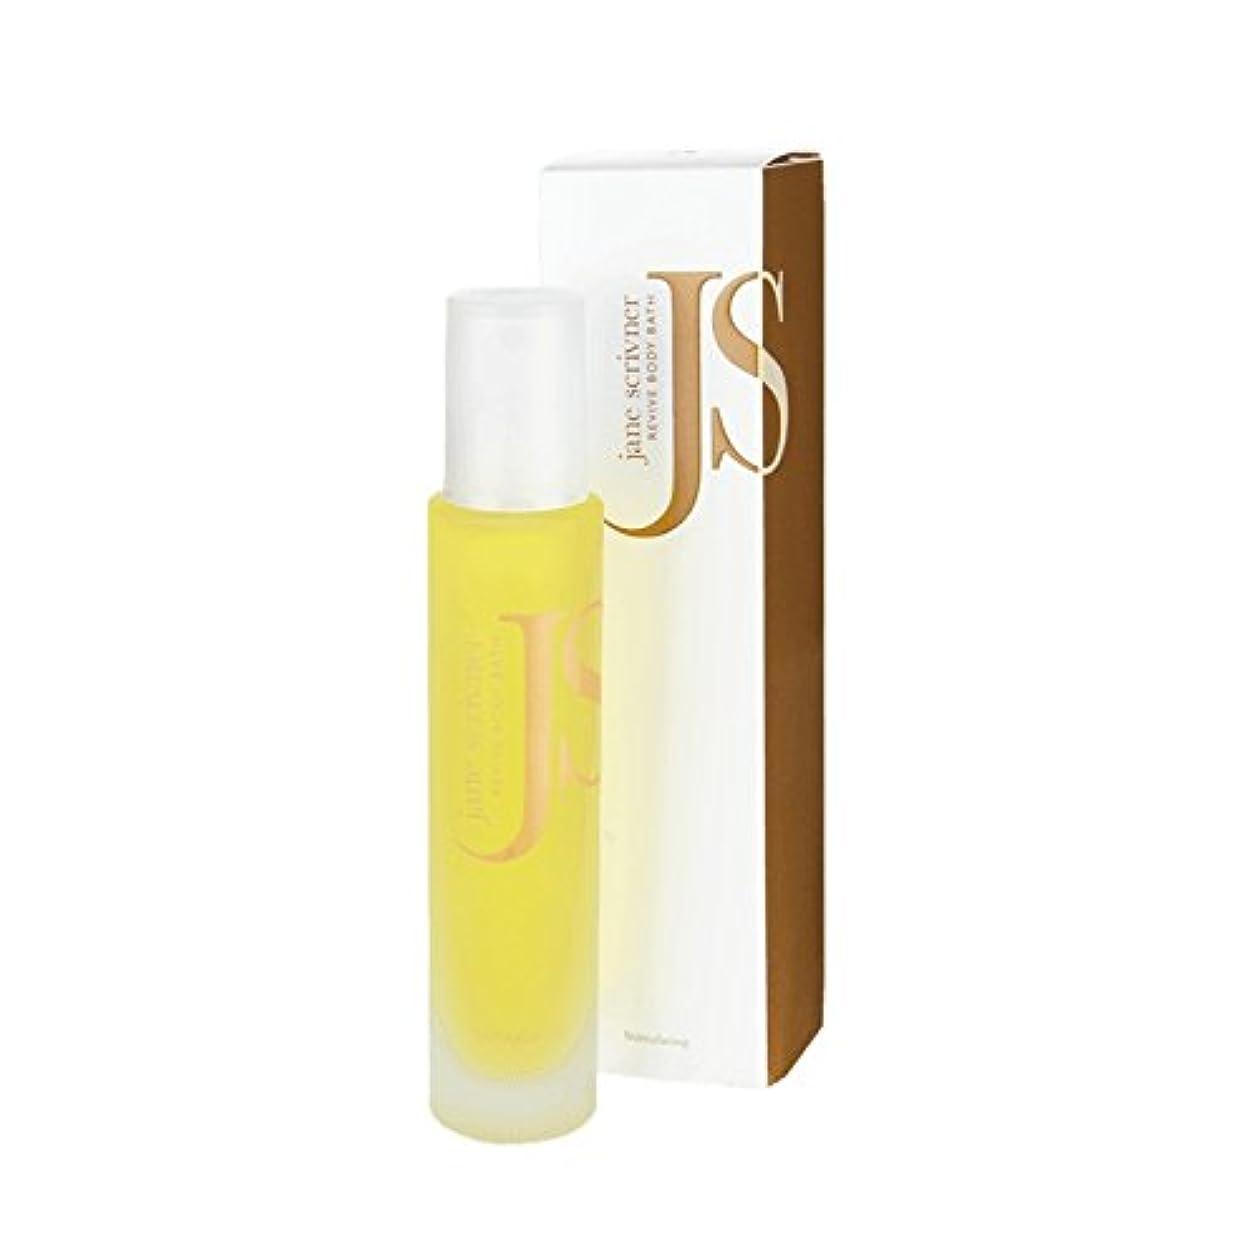 認知リード成功したJane Scrivner Body Bath Oil Revive 100ml (Pack of 2) - ジェーンScrivnerボディバスオイル100ミリリットルを復活させます (x2) [並行輸入品]